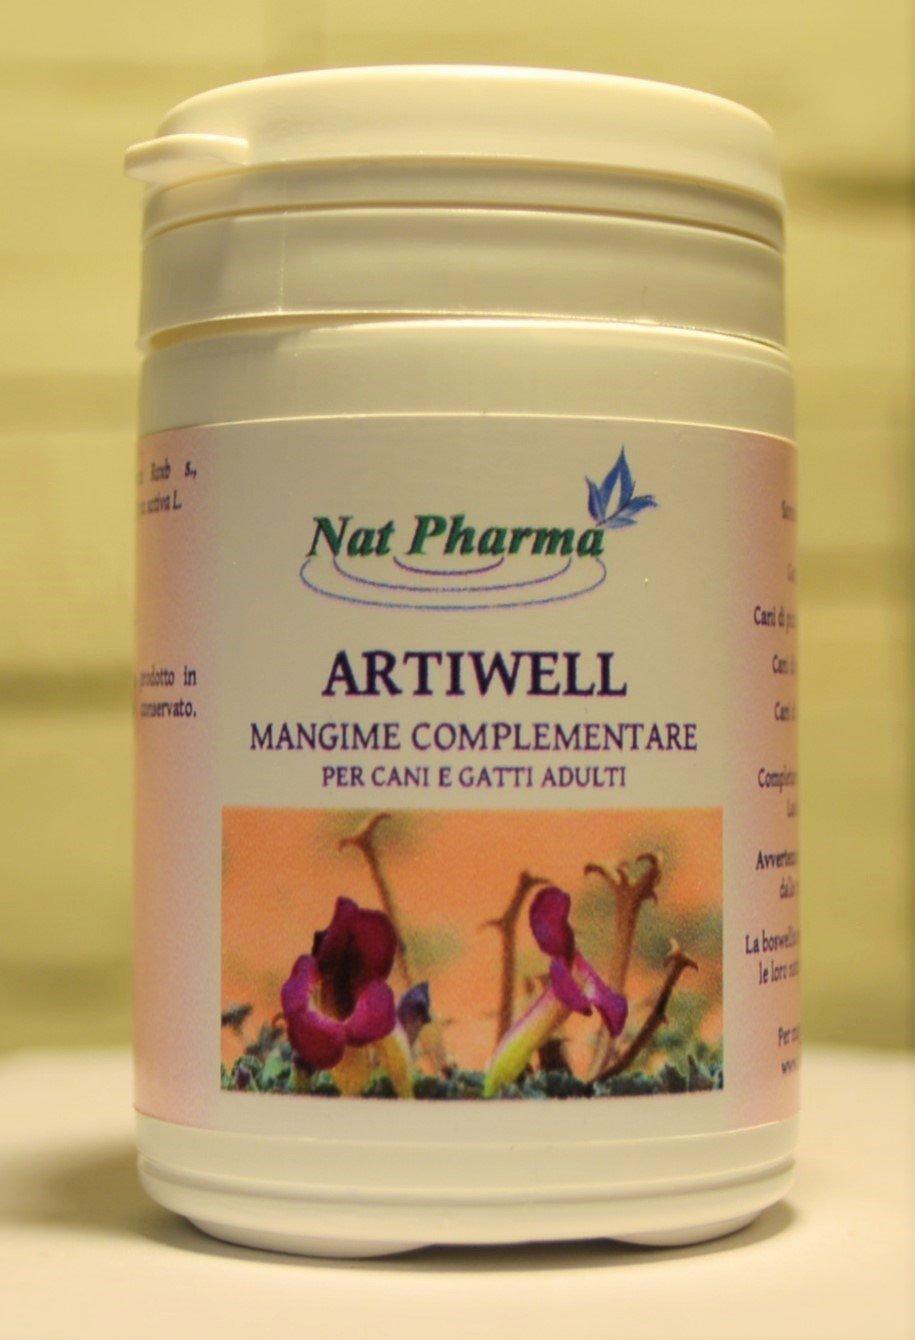 ARTIWELL 30 GR - (formule en poudre) Anticorps naturel et anti-inflammatoire pour chiens et chats - Traitement du rhumatisme et inflammation articulaire chez les animaux - Phytothérapie vétérinaire pour rendre les articulations, les ligaments, les tendons